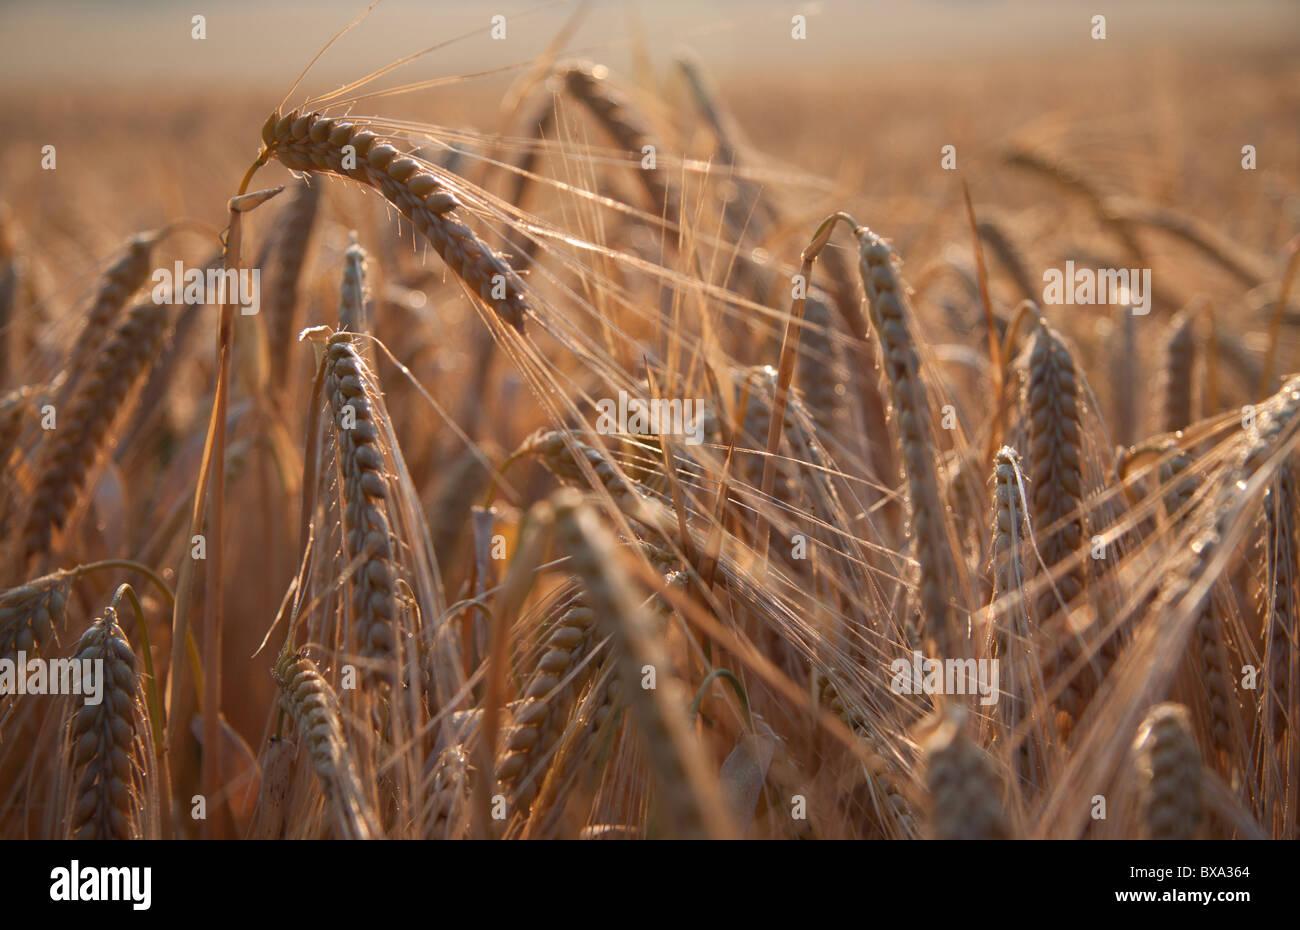 Maduración espigas de cebada, en Wiltshire, Inglaterra. Imagen De Stock